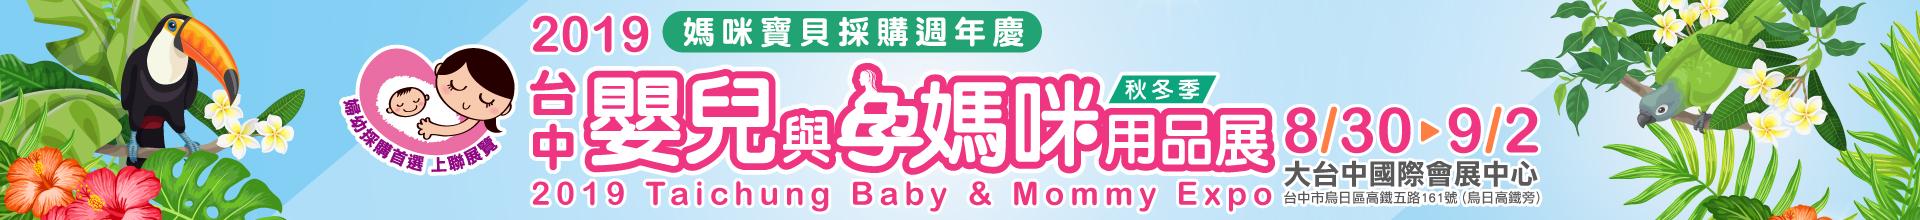 2019台中嬰兒與孕媽咪用品展暨兒童博覽會(秋季)